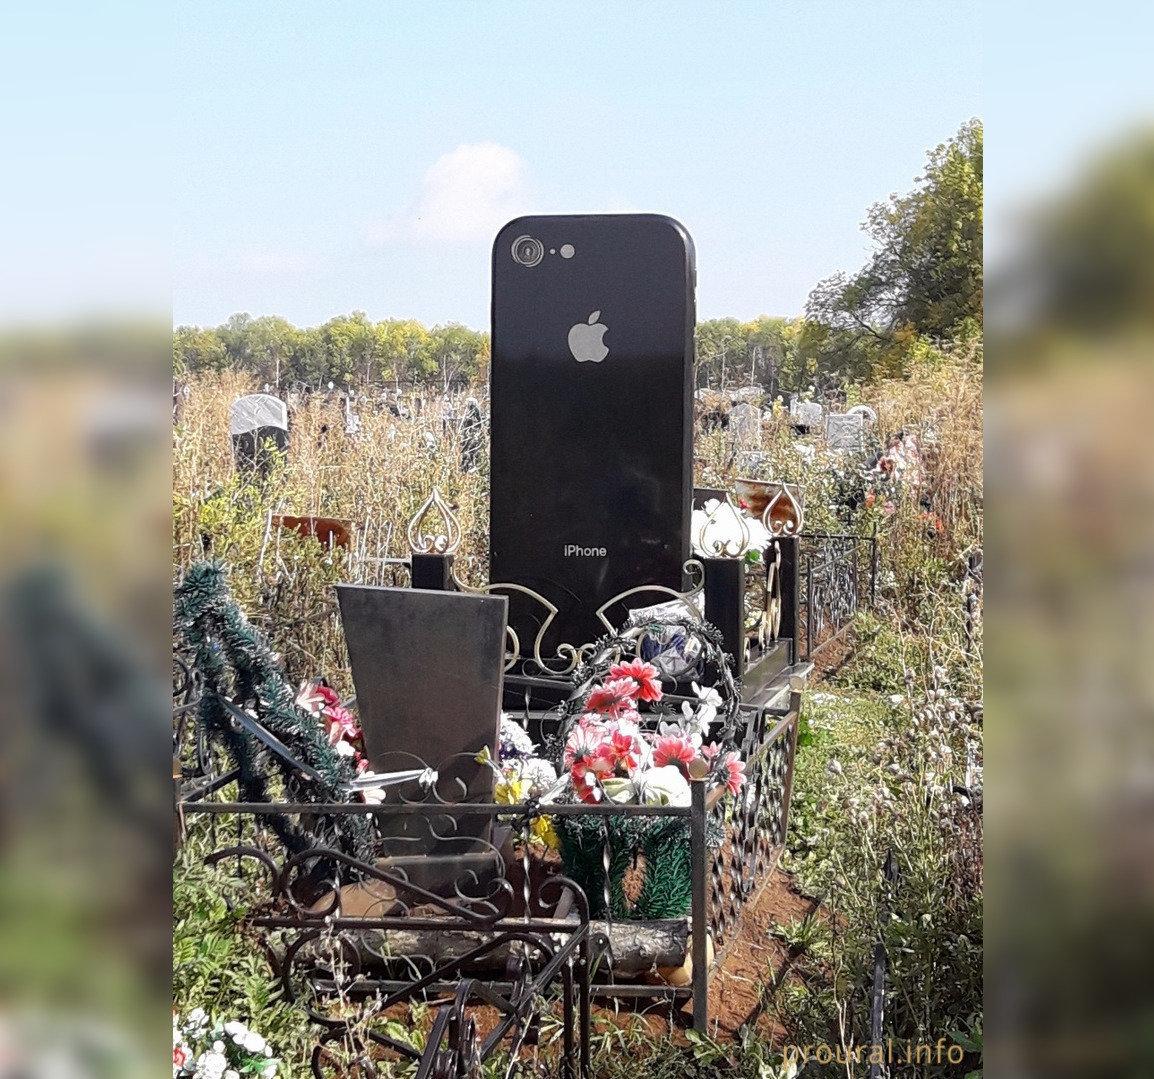 俄乌法市一女孩的墓碑被制成iPhone 6的模样